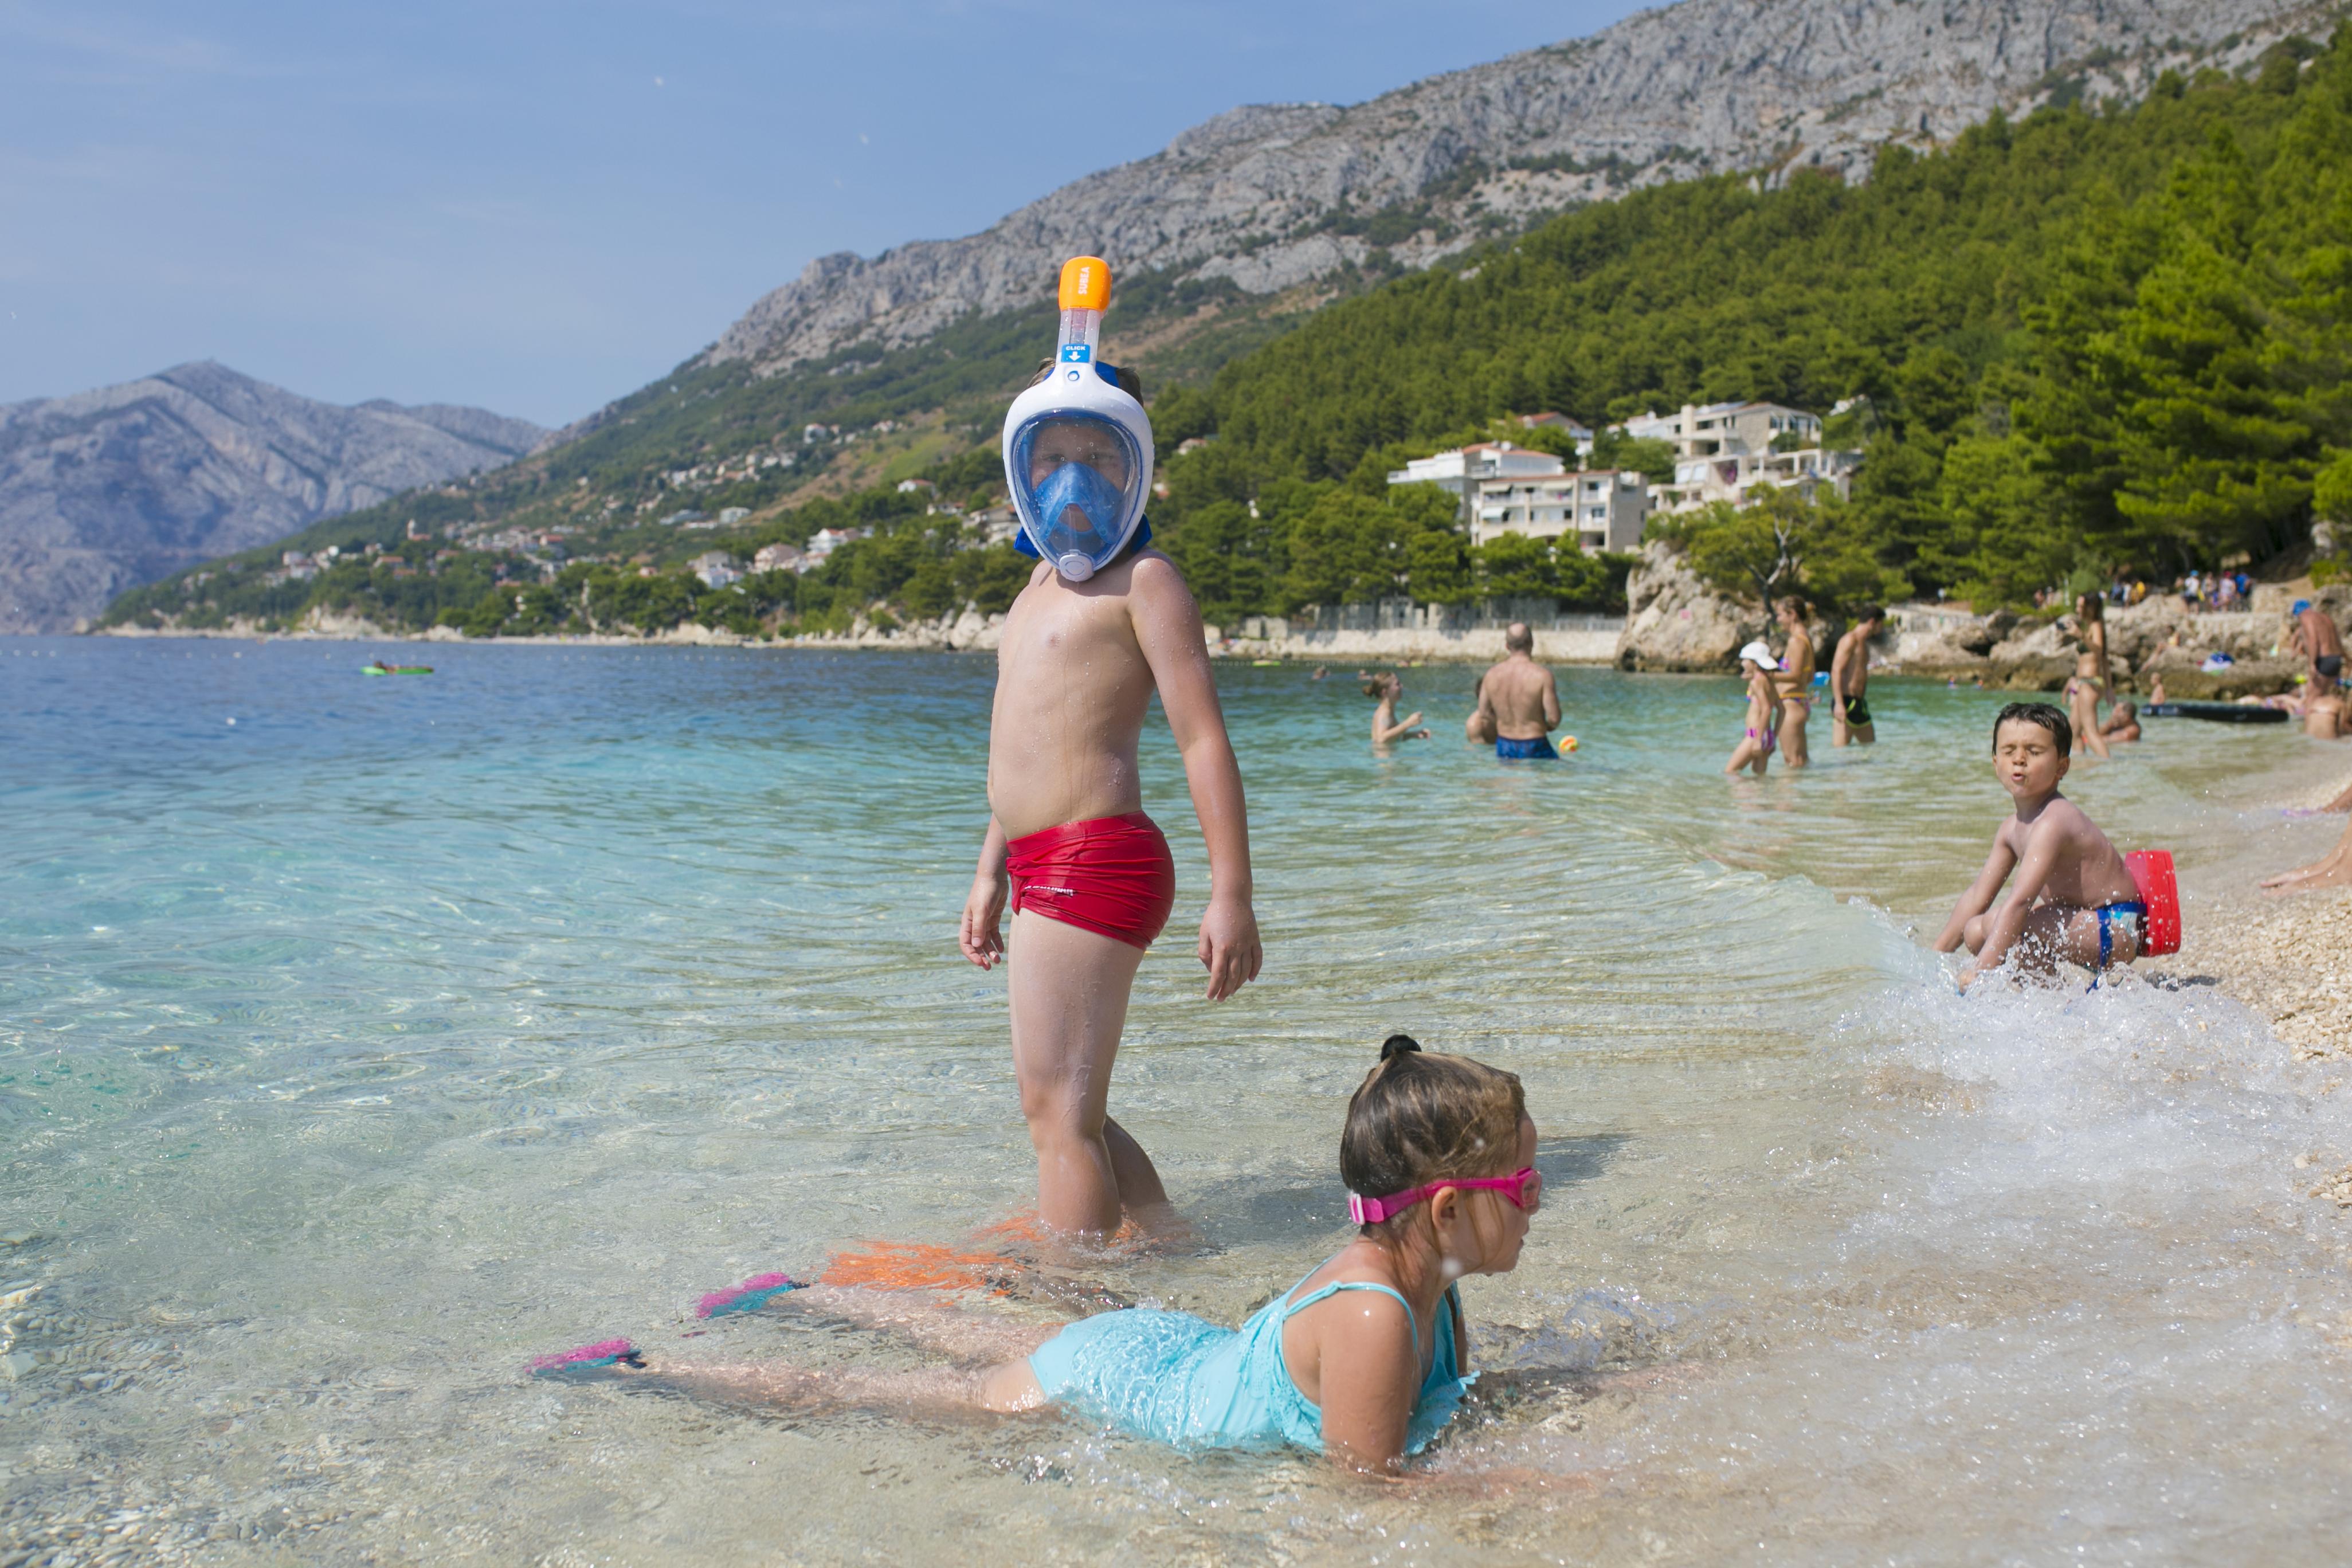 Brela, Makarska, Brela plaża, Chorwackie plaże, najpiękniejsza plaża Chorwacja